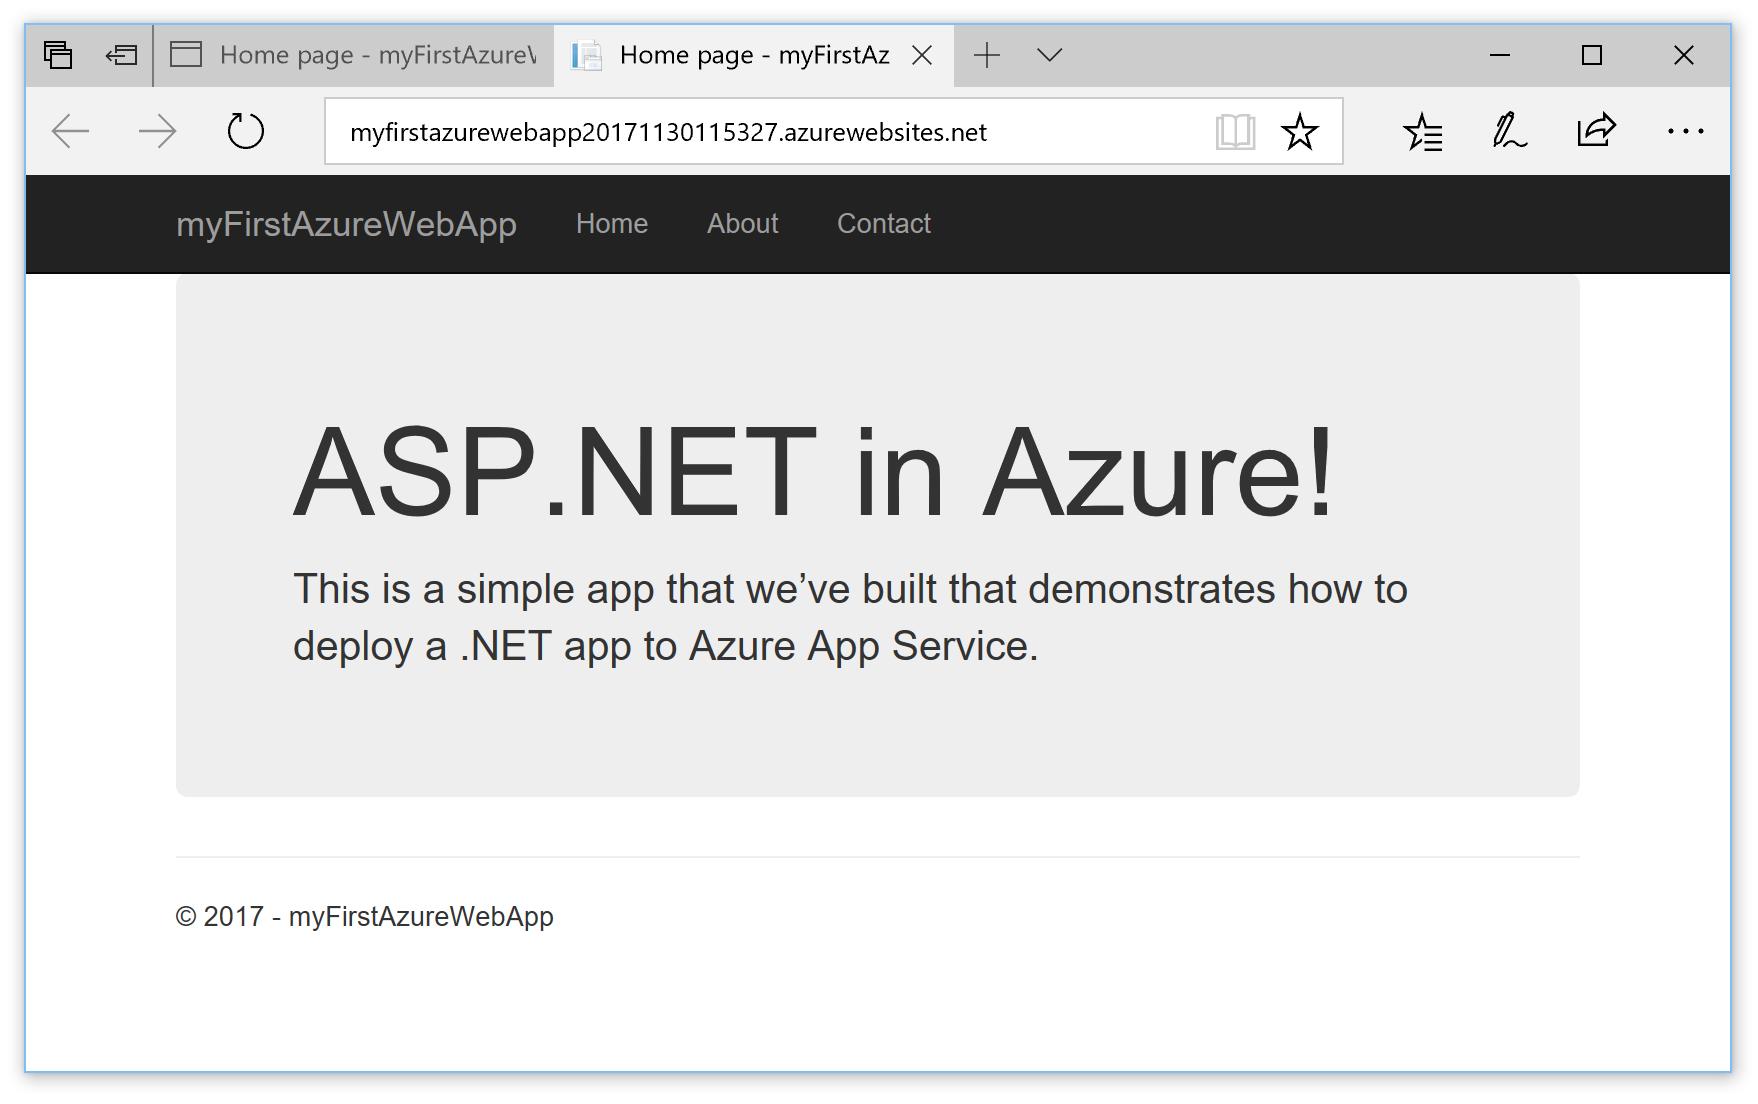 Azure'da güncelleştirilmiş ASP.NET web uygulaması